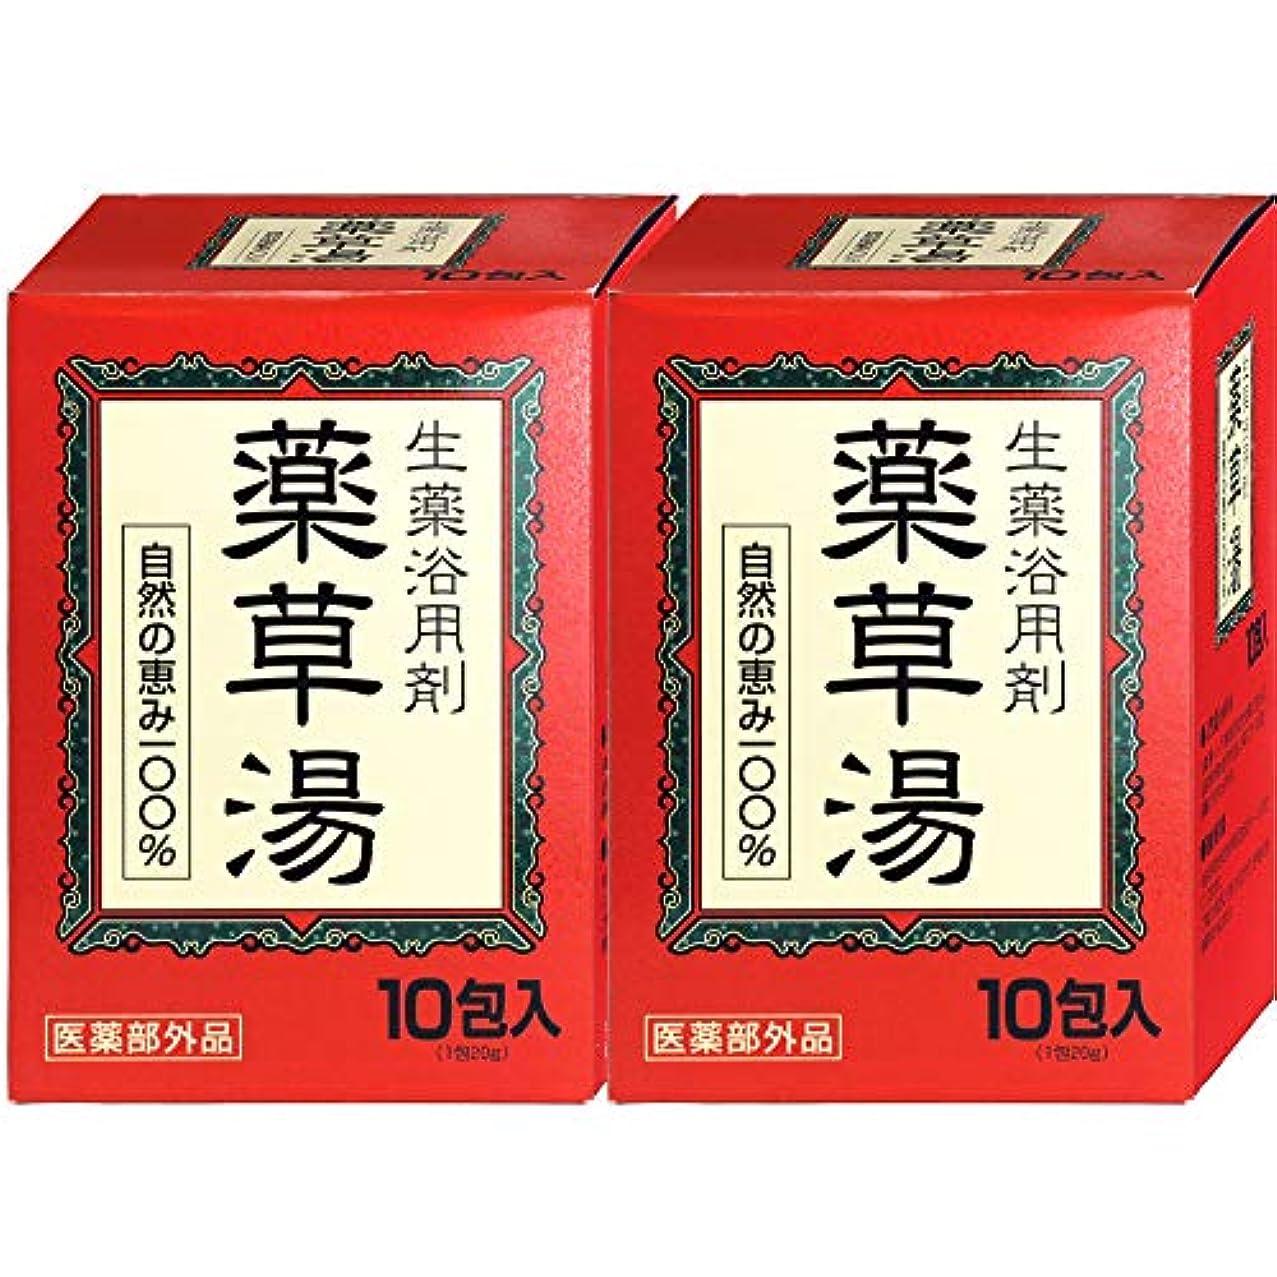 状インセンティブケント薬草湯 生薬浴用剤 10包入 【2個セット】自然の恵み100% 医薬部外品